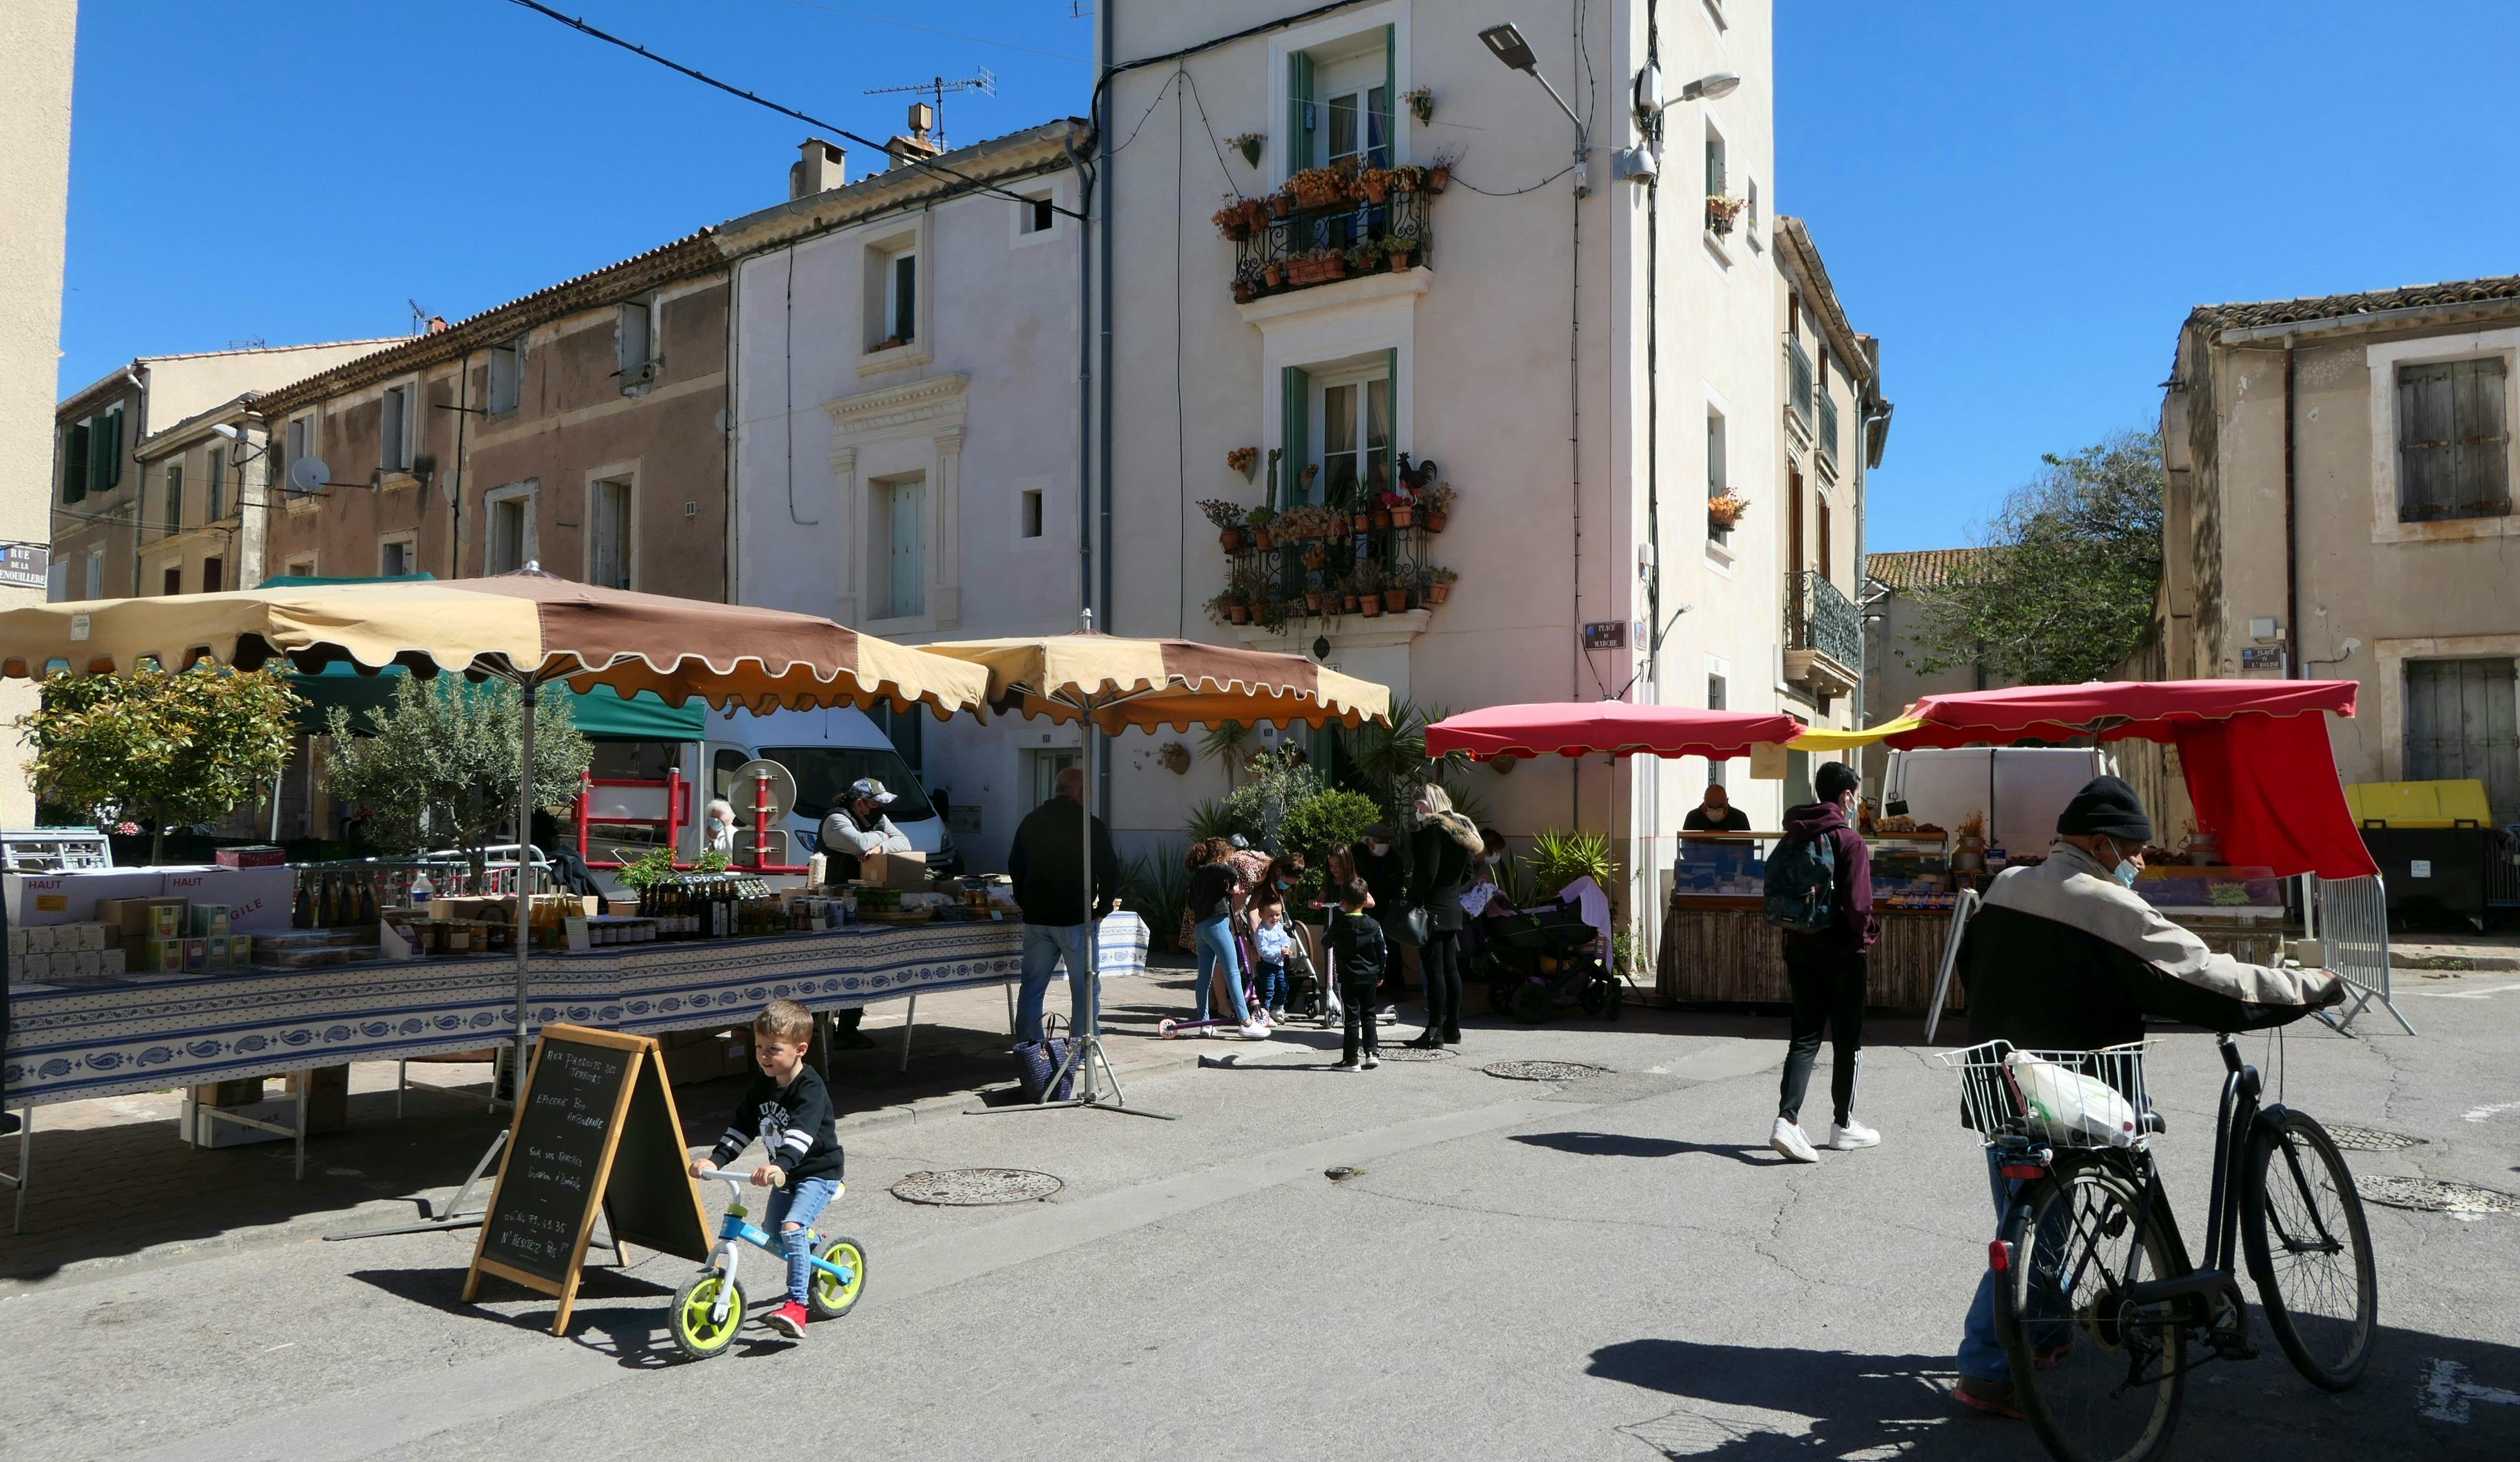 Villeneuve-les-Maguelone